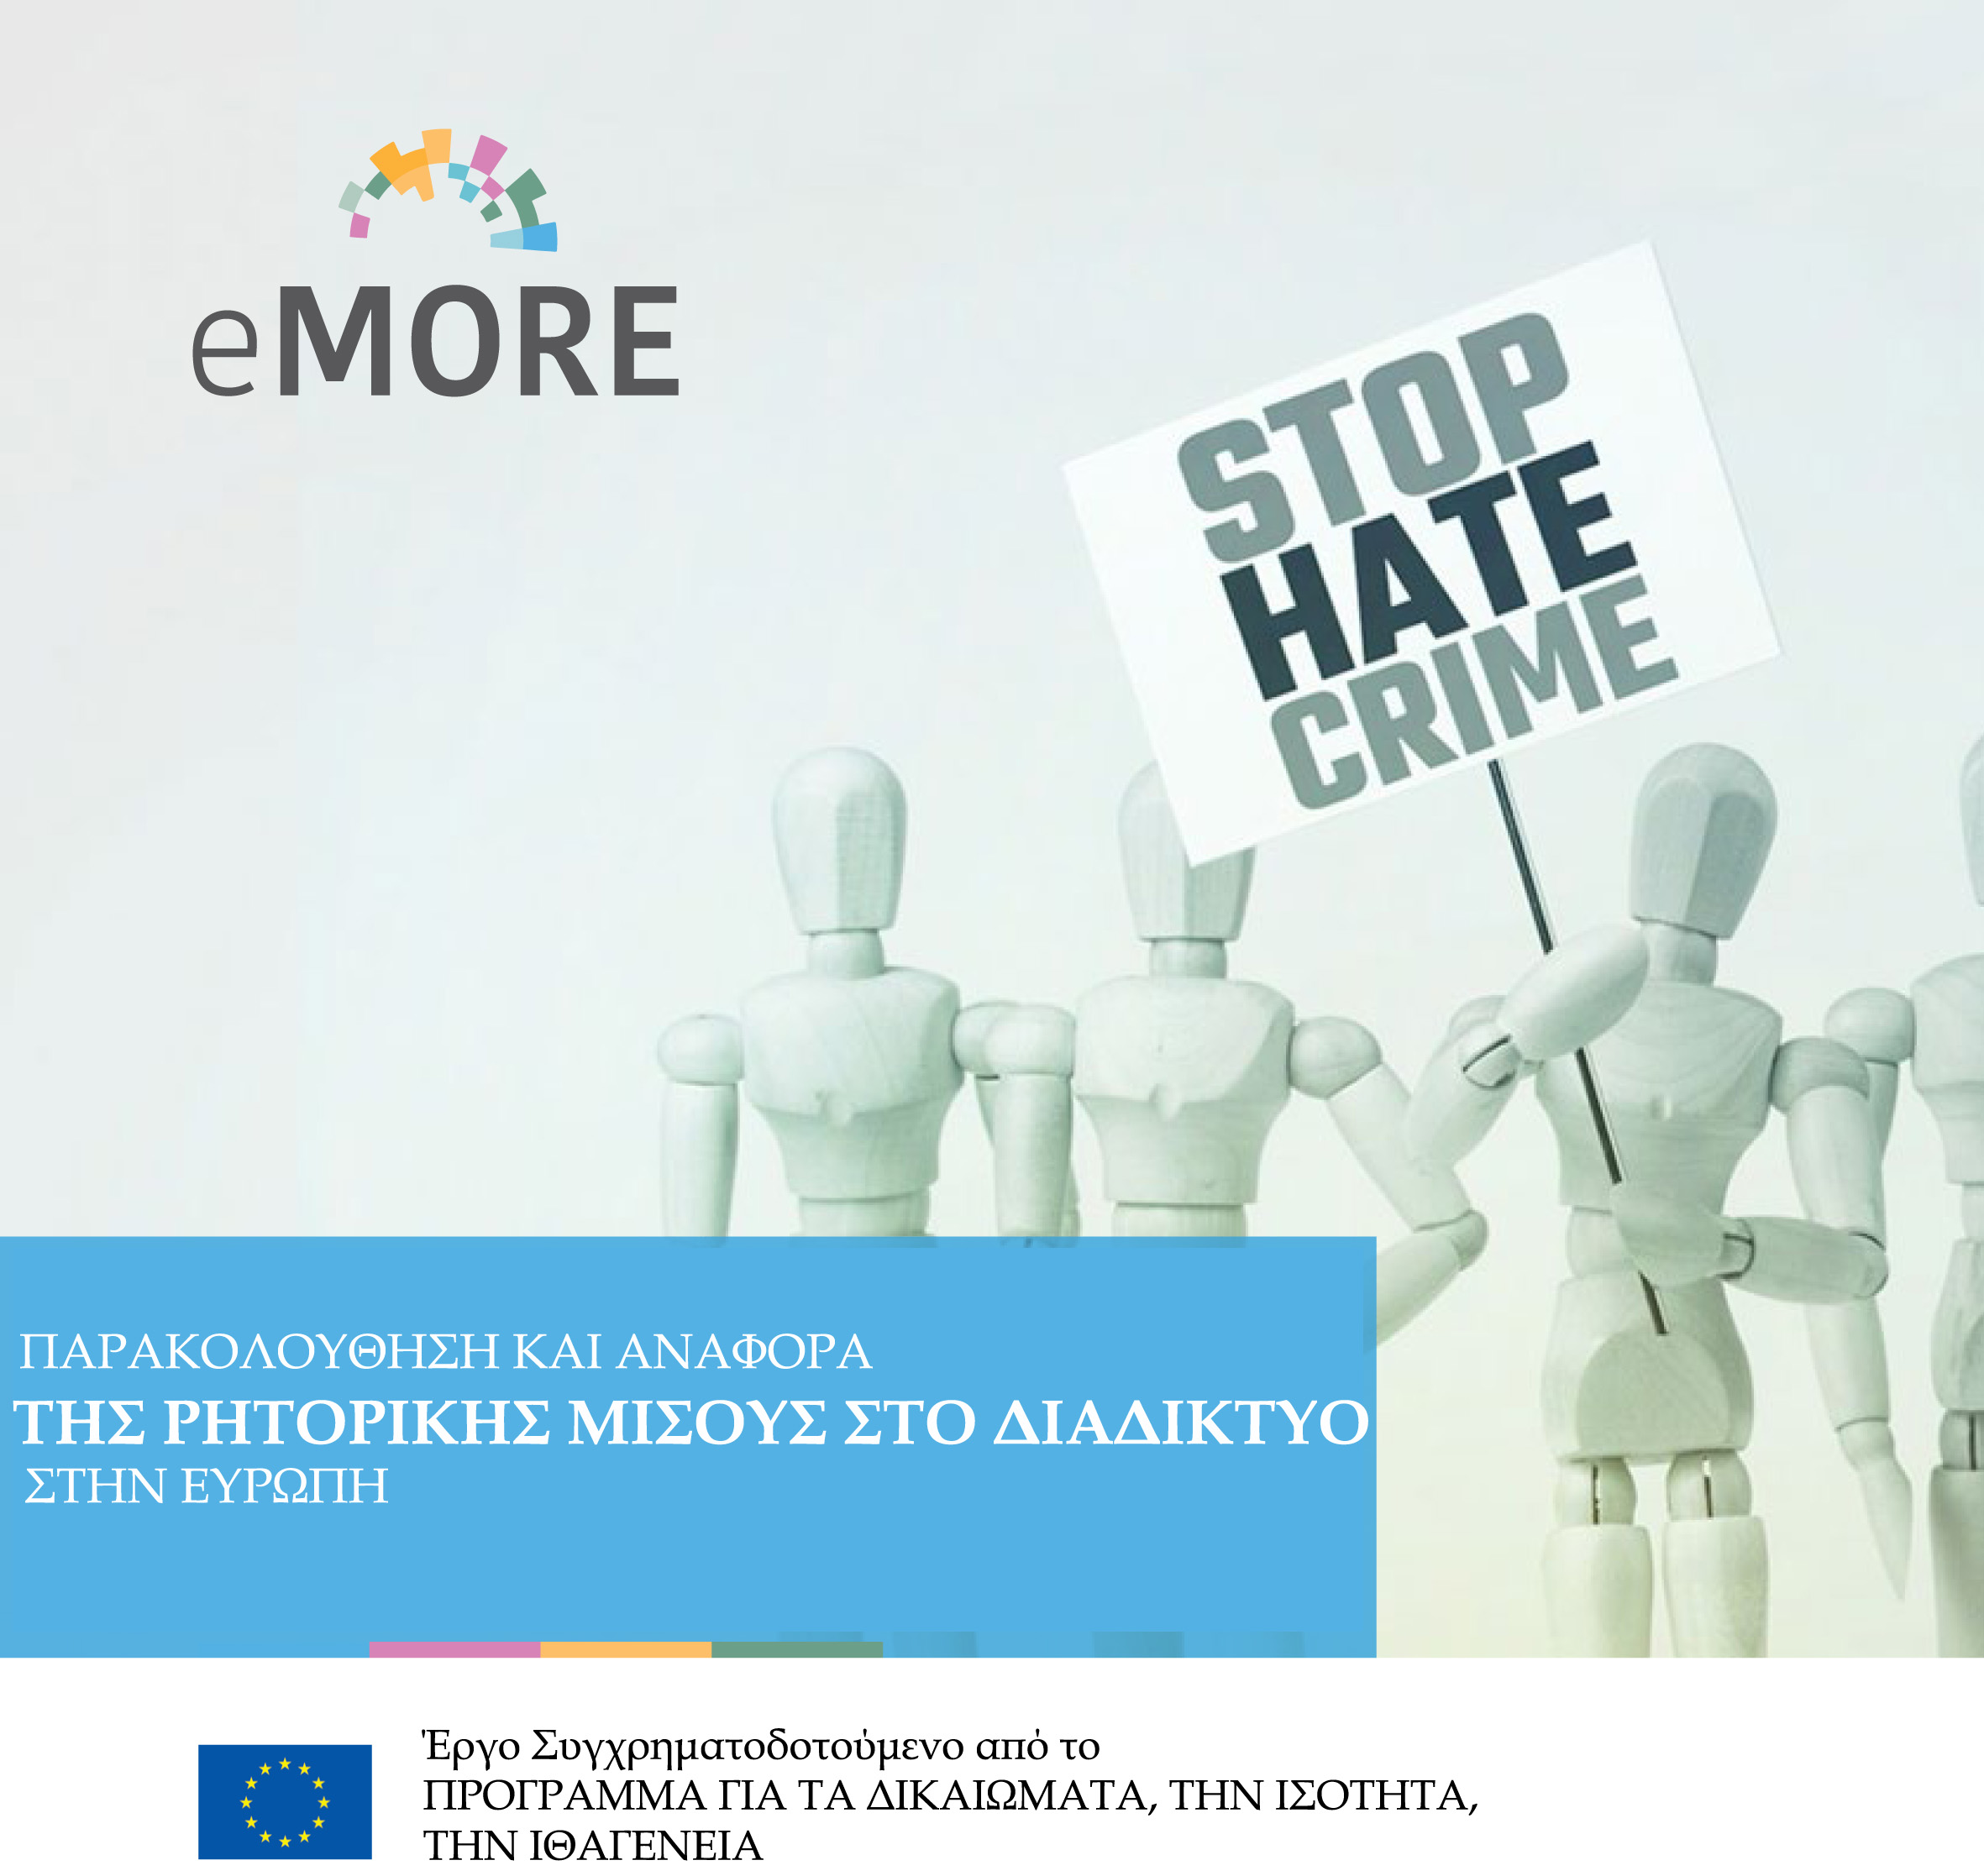 Emore_Leaflet_web-1